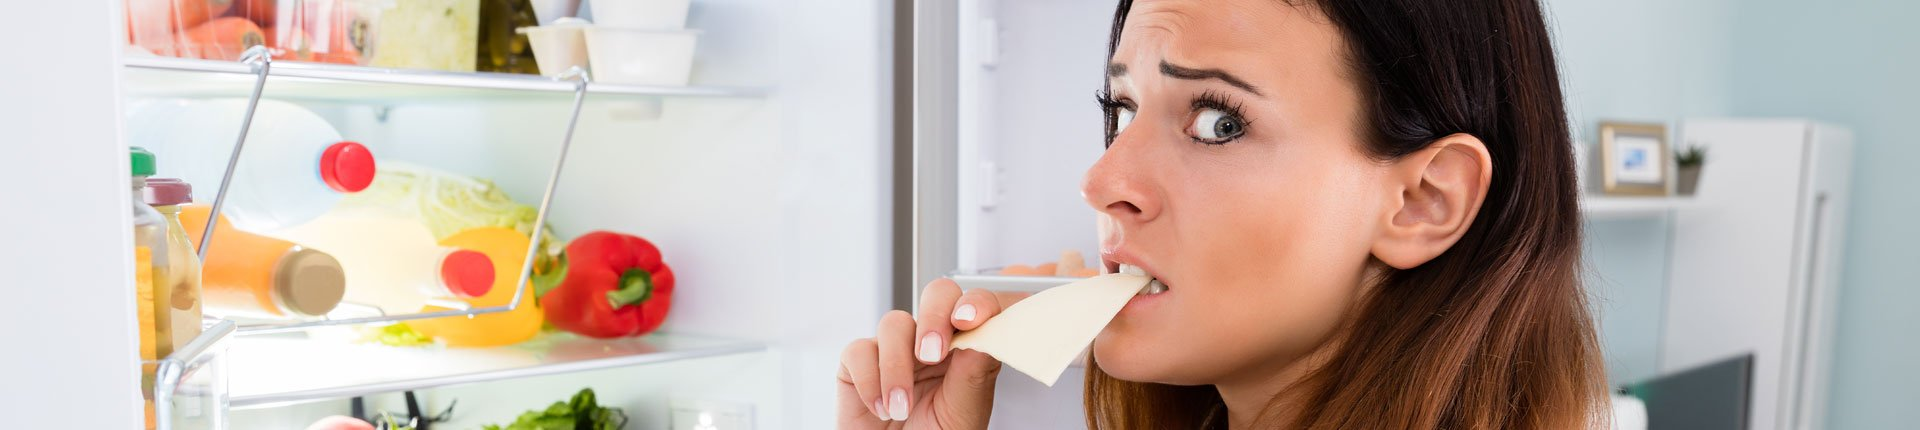 Regulacja hormonalna łaknienia i otyłości - leptyna, rola i wydzielanie